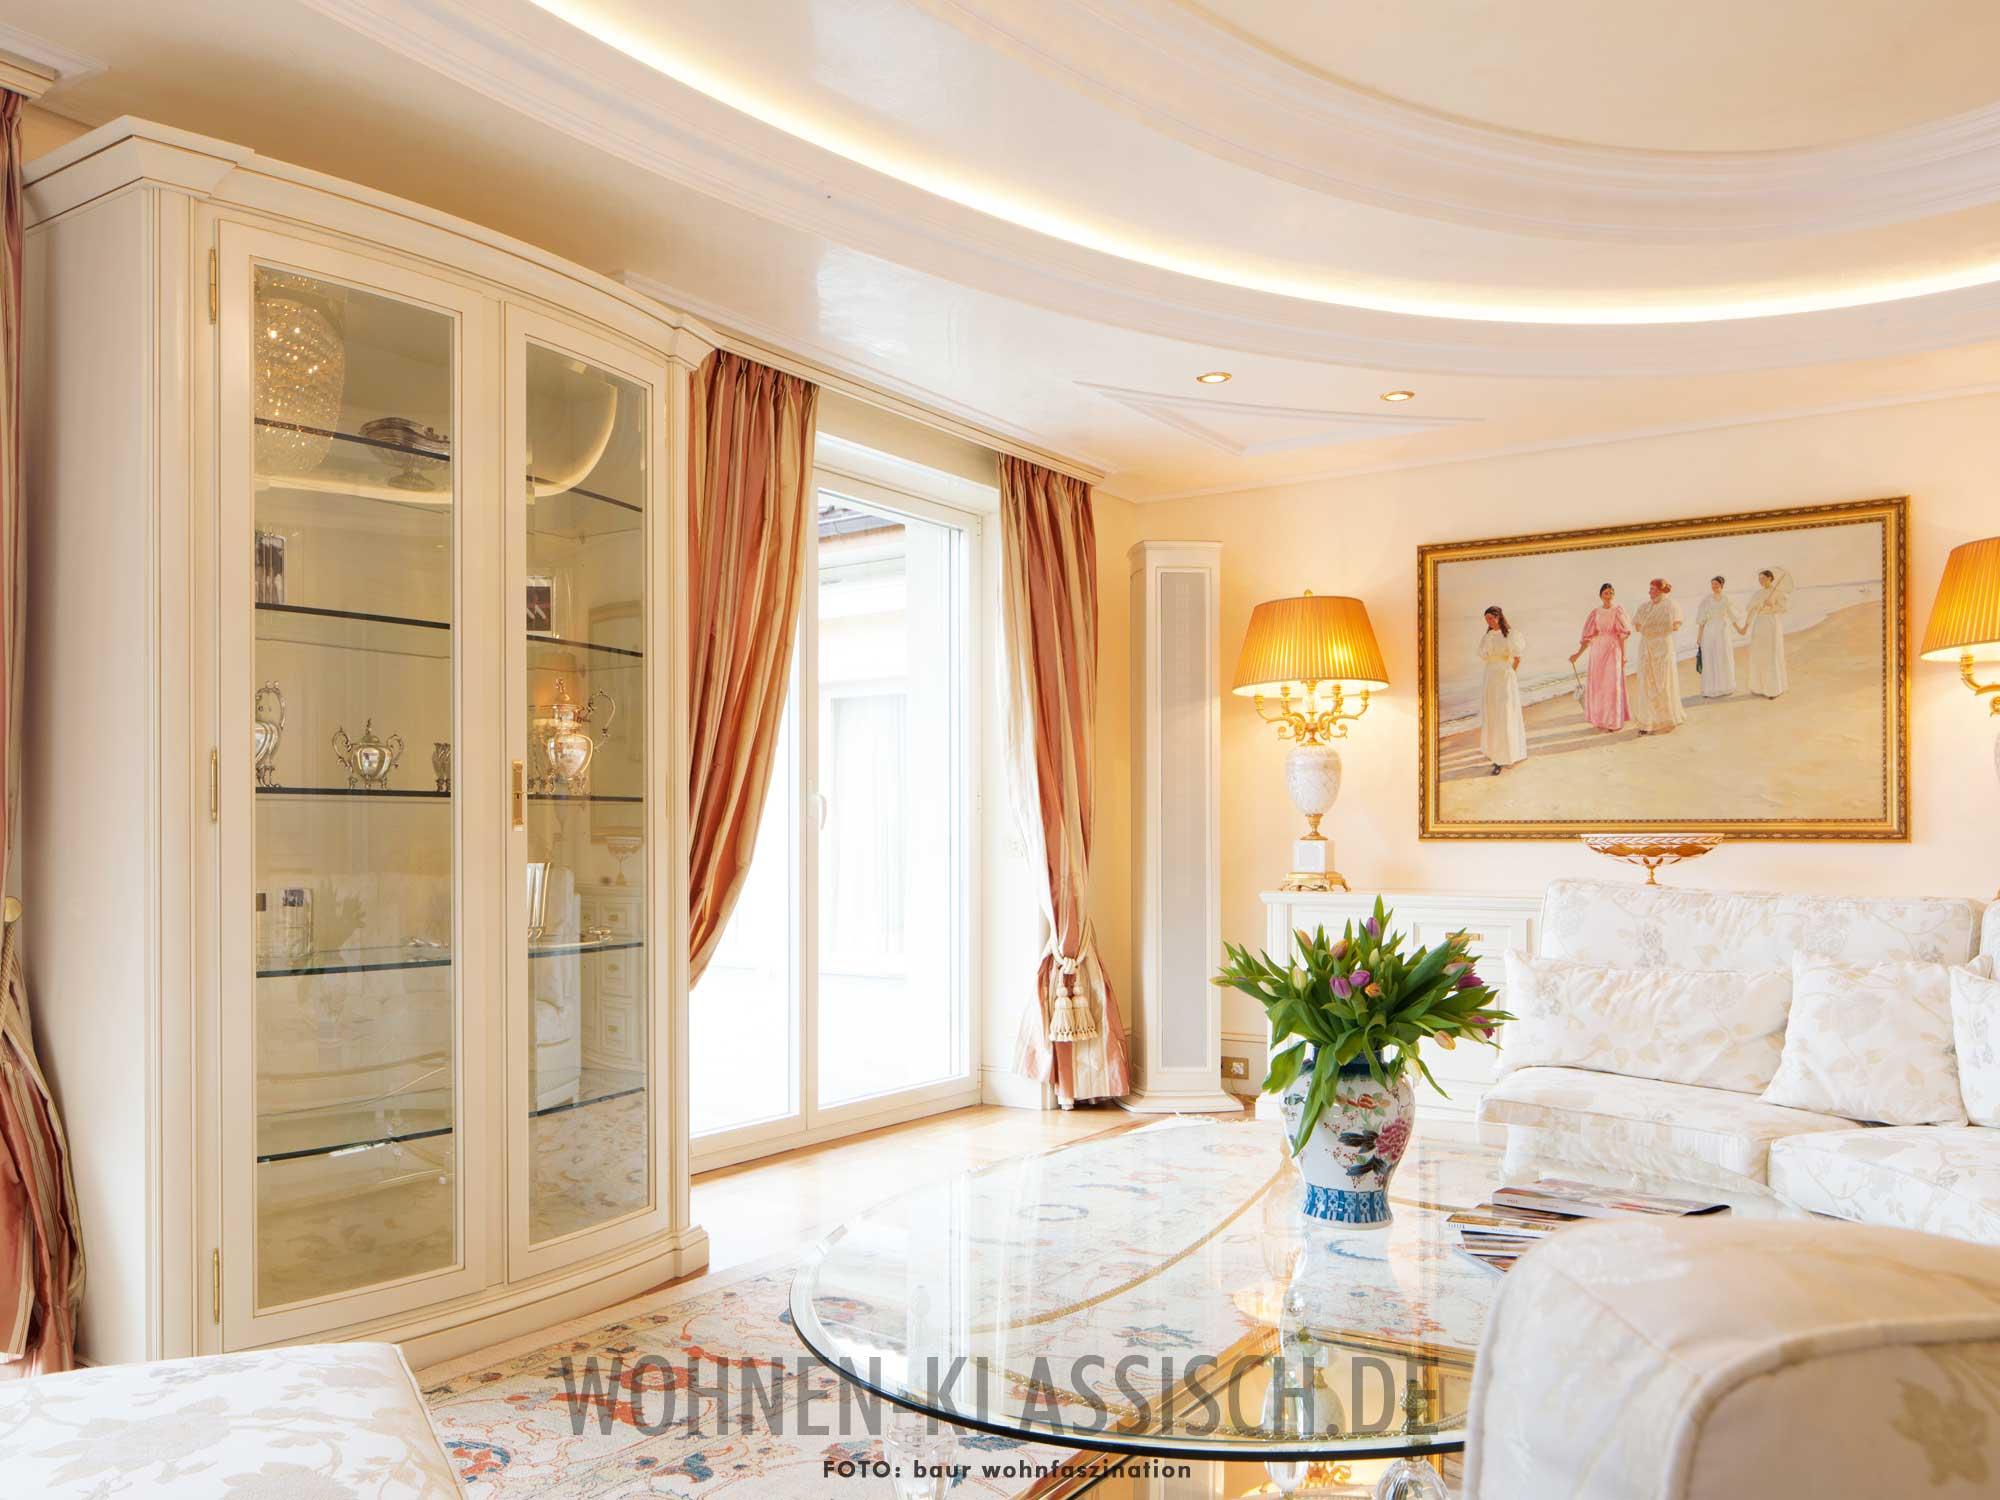 Perfekte raumnutzung im wohnzimmer klassisch wohnen for Wohnzimmer klassisch